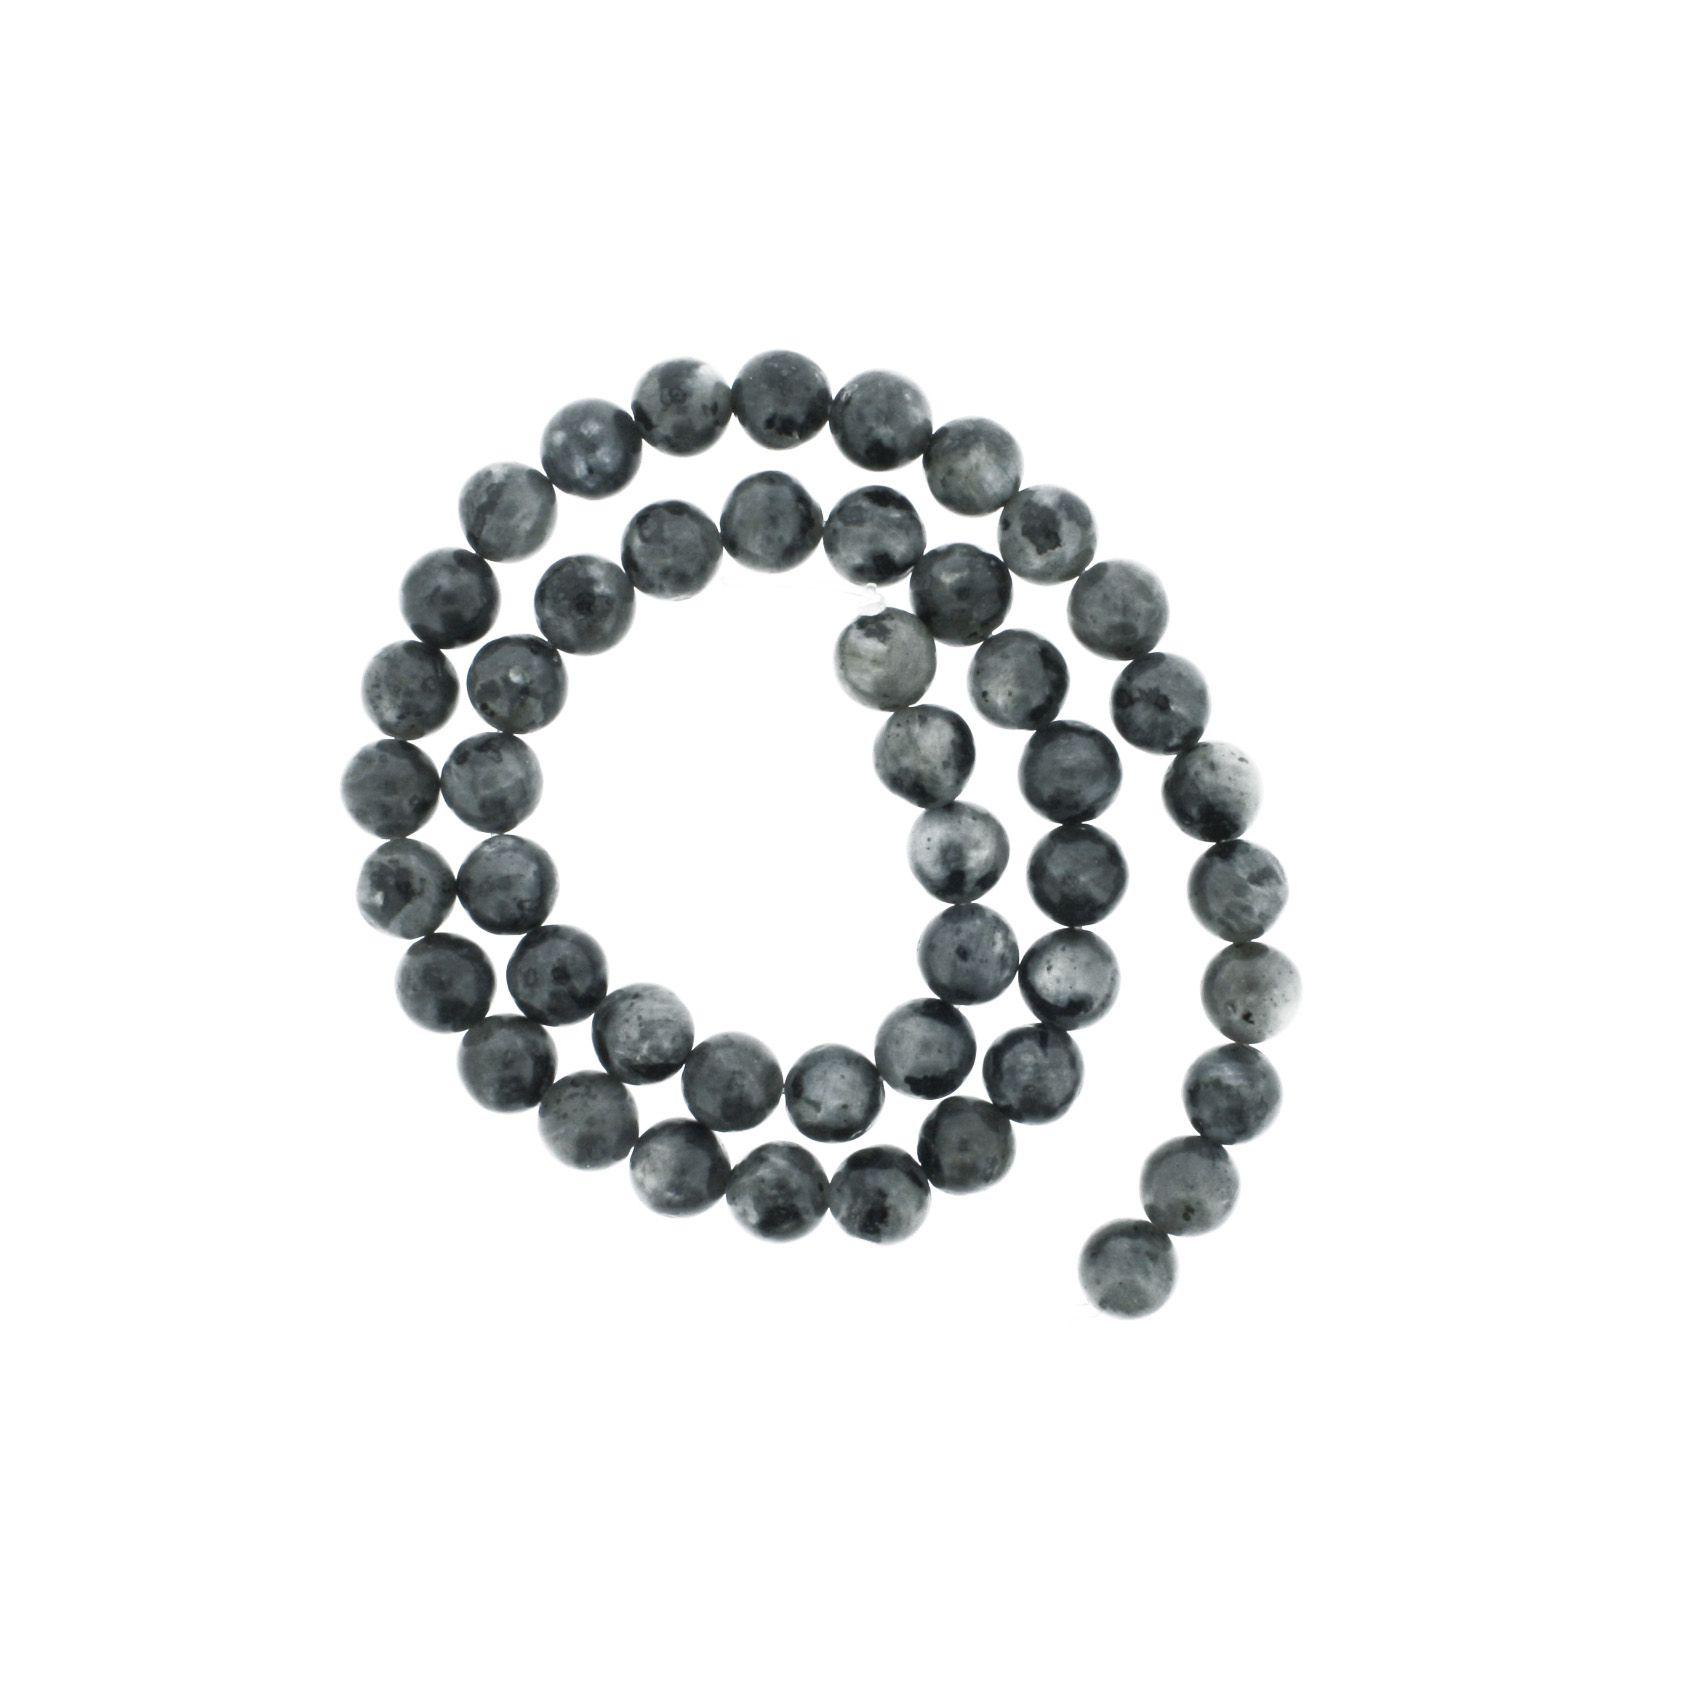 Fio de Pedra - Pietra® - Labradorita - 8mm  - Universo Religioso® - Artigos de Umbanda e Candomblé